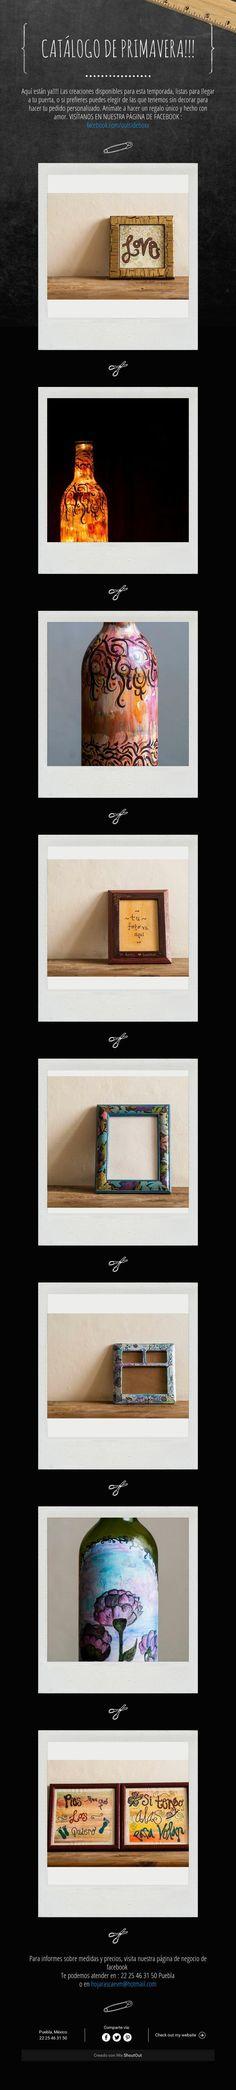 Glorious Bonito Antiguo Marco De Madera Para Foto Vidrio Marcos Con Imagen Paisaje Let Our Commodities Go To The World Muebles Antiguos Y Decoración